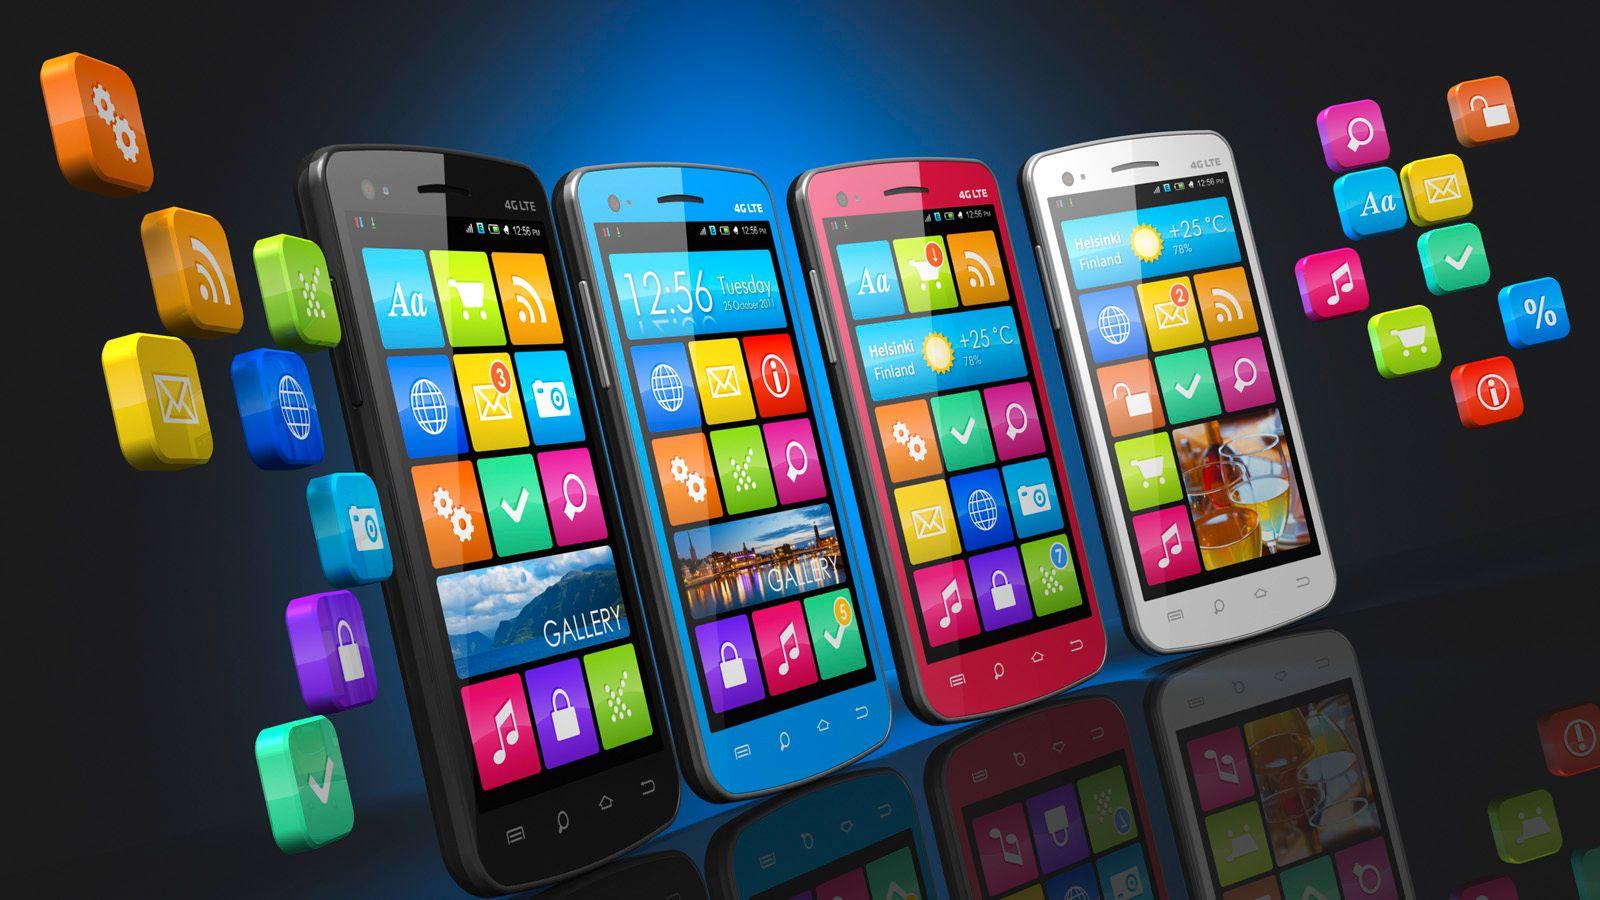 Anbefalte apper til Android og iOS